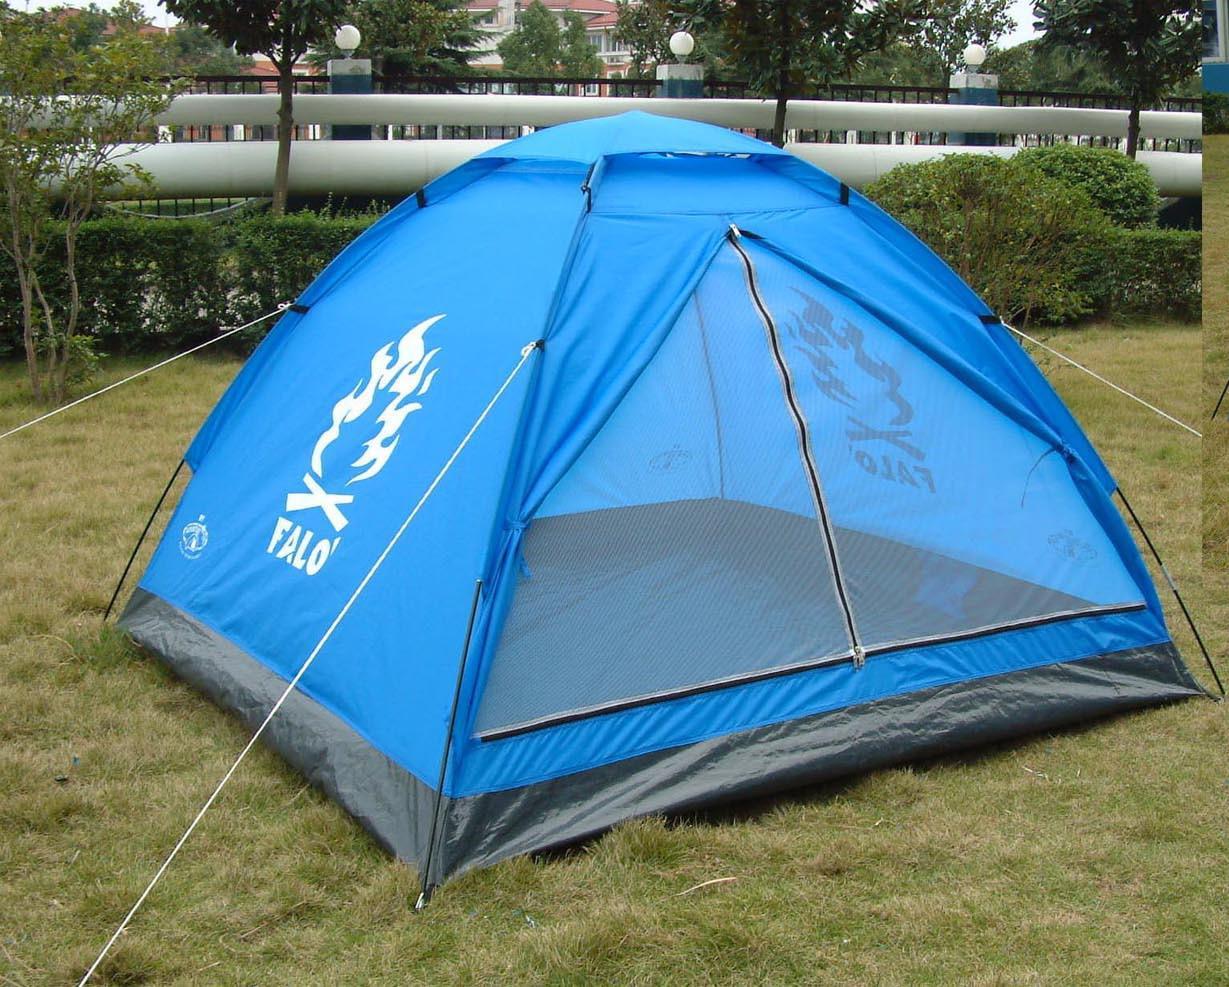 Un buon compromesso per iniziare, la tenda ad igloo